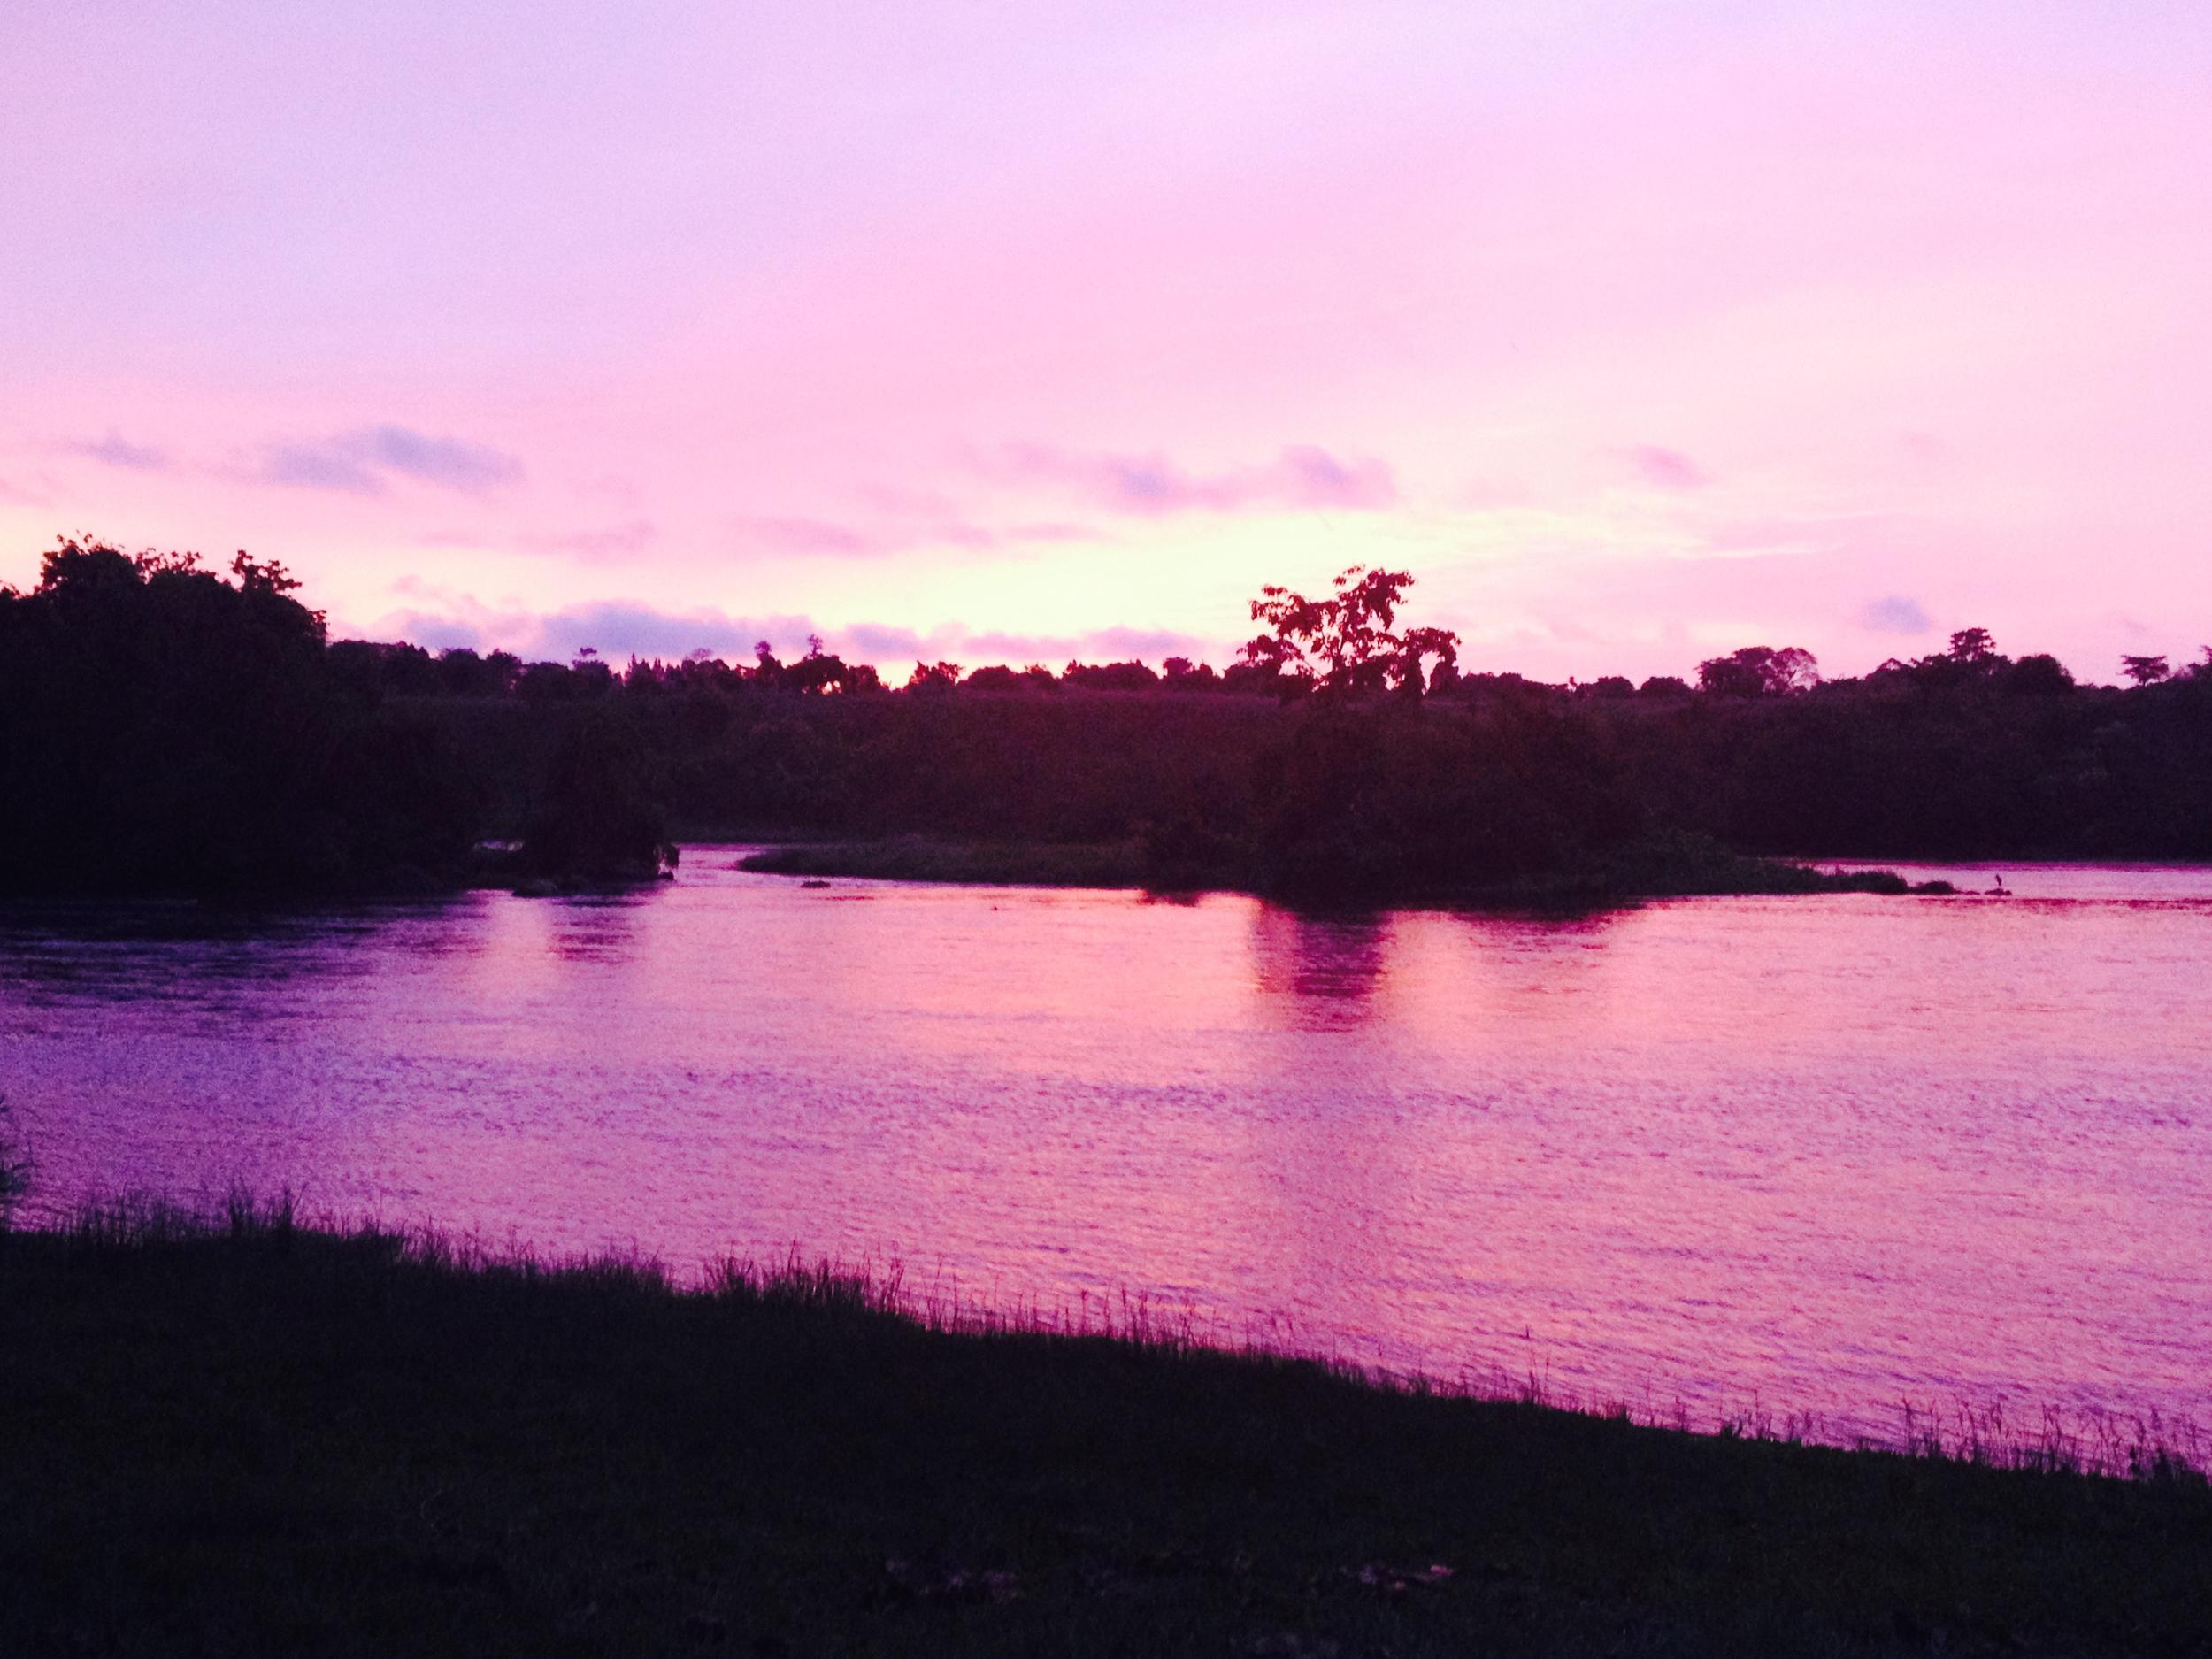 A perfect sunrise on the Nile.